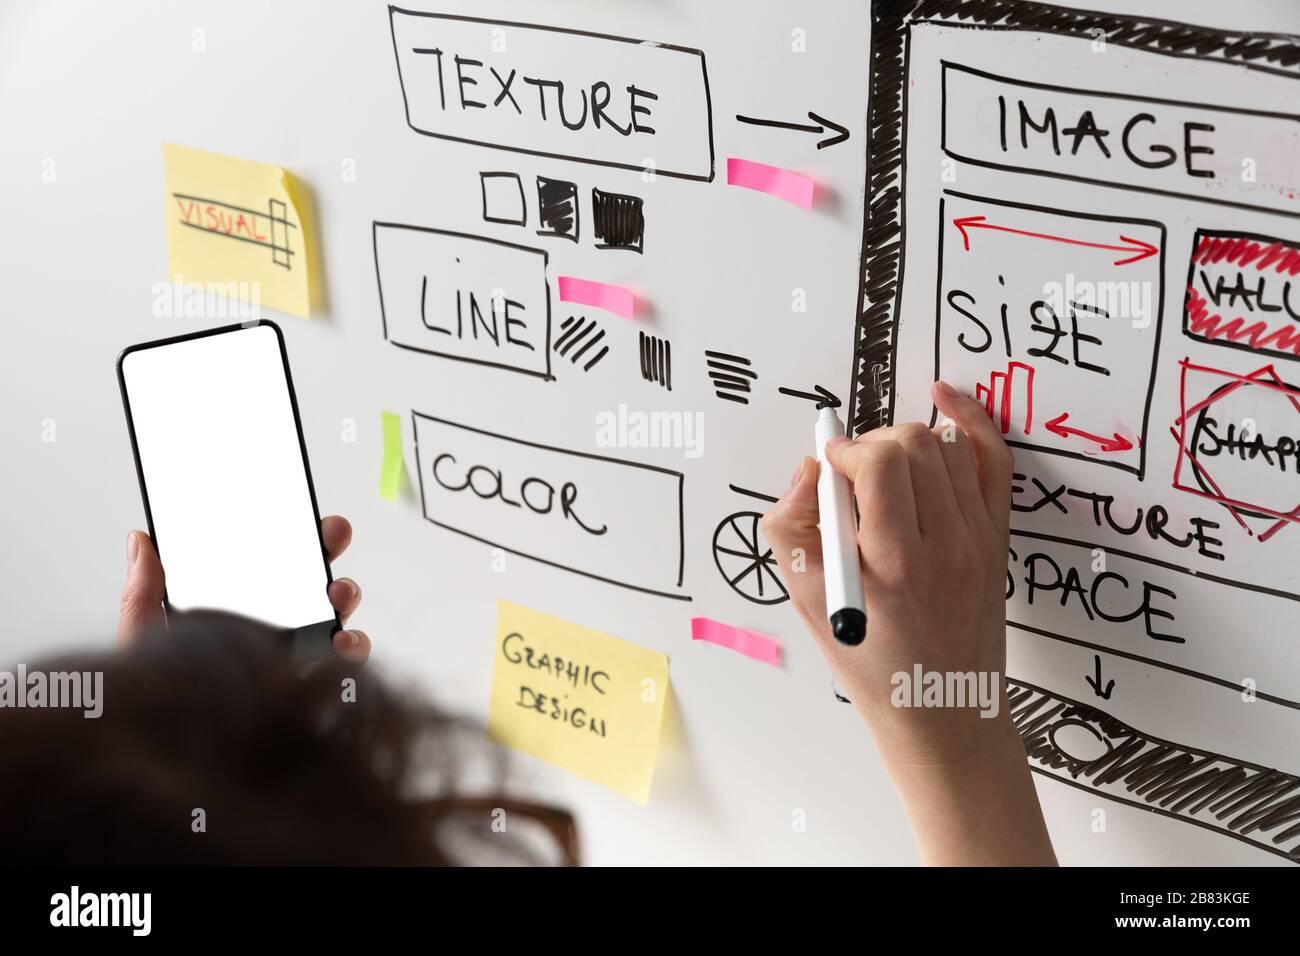 Mujeres diseñador de sitios web de diseño creativo de aplicaciones de desarrollo de plantillas de dibujo marco de diseño wireframe estudio de diseño . Concepto de experiencia del usuario Foto de stock